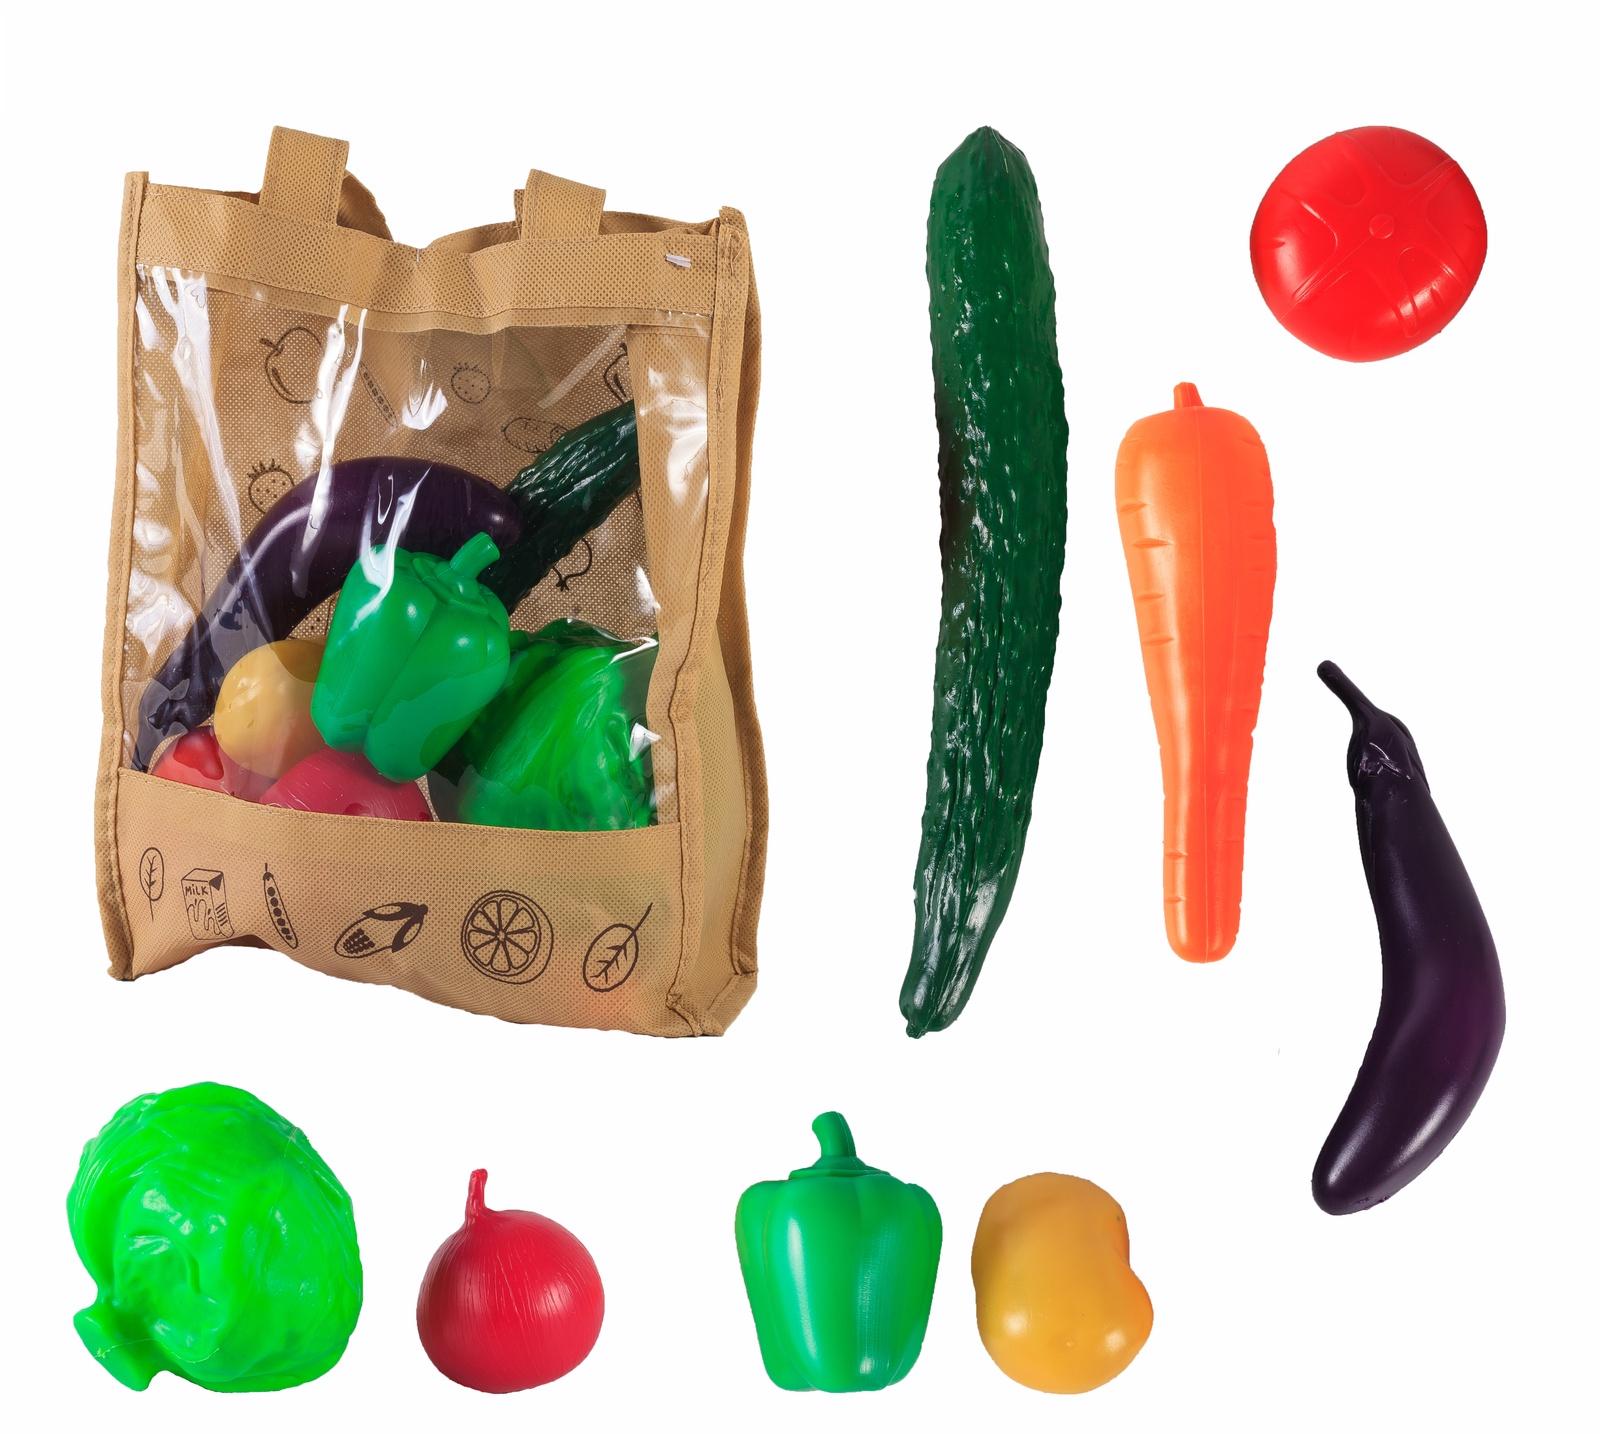 Игровой набор S+S Toys Продукты в сумке игровой набор s s toys мельница пингвин eq80019r не разлей вода